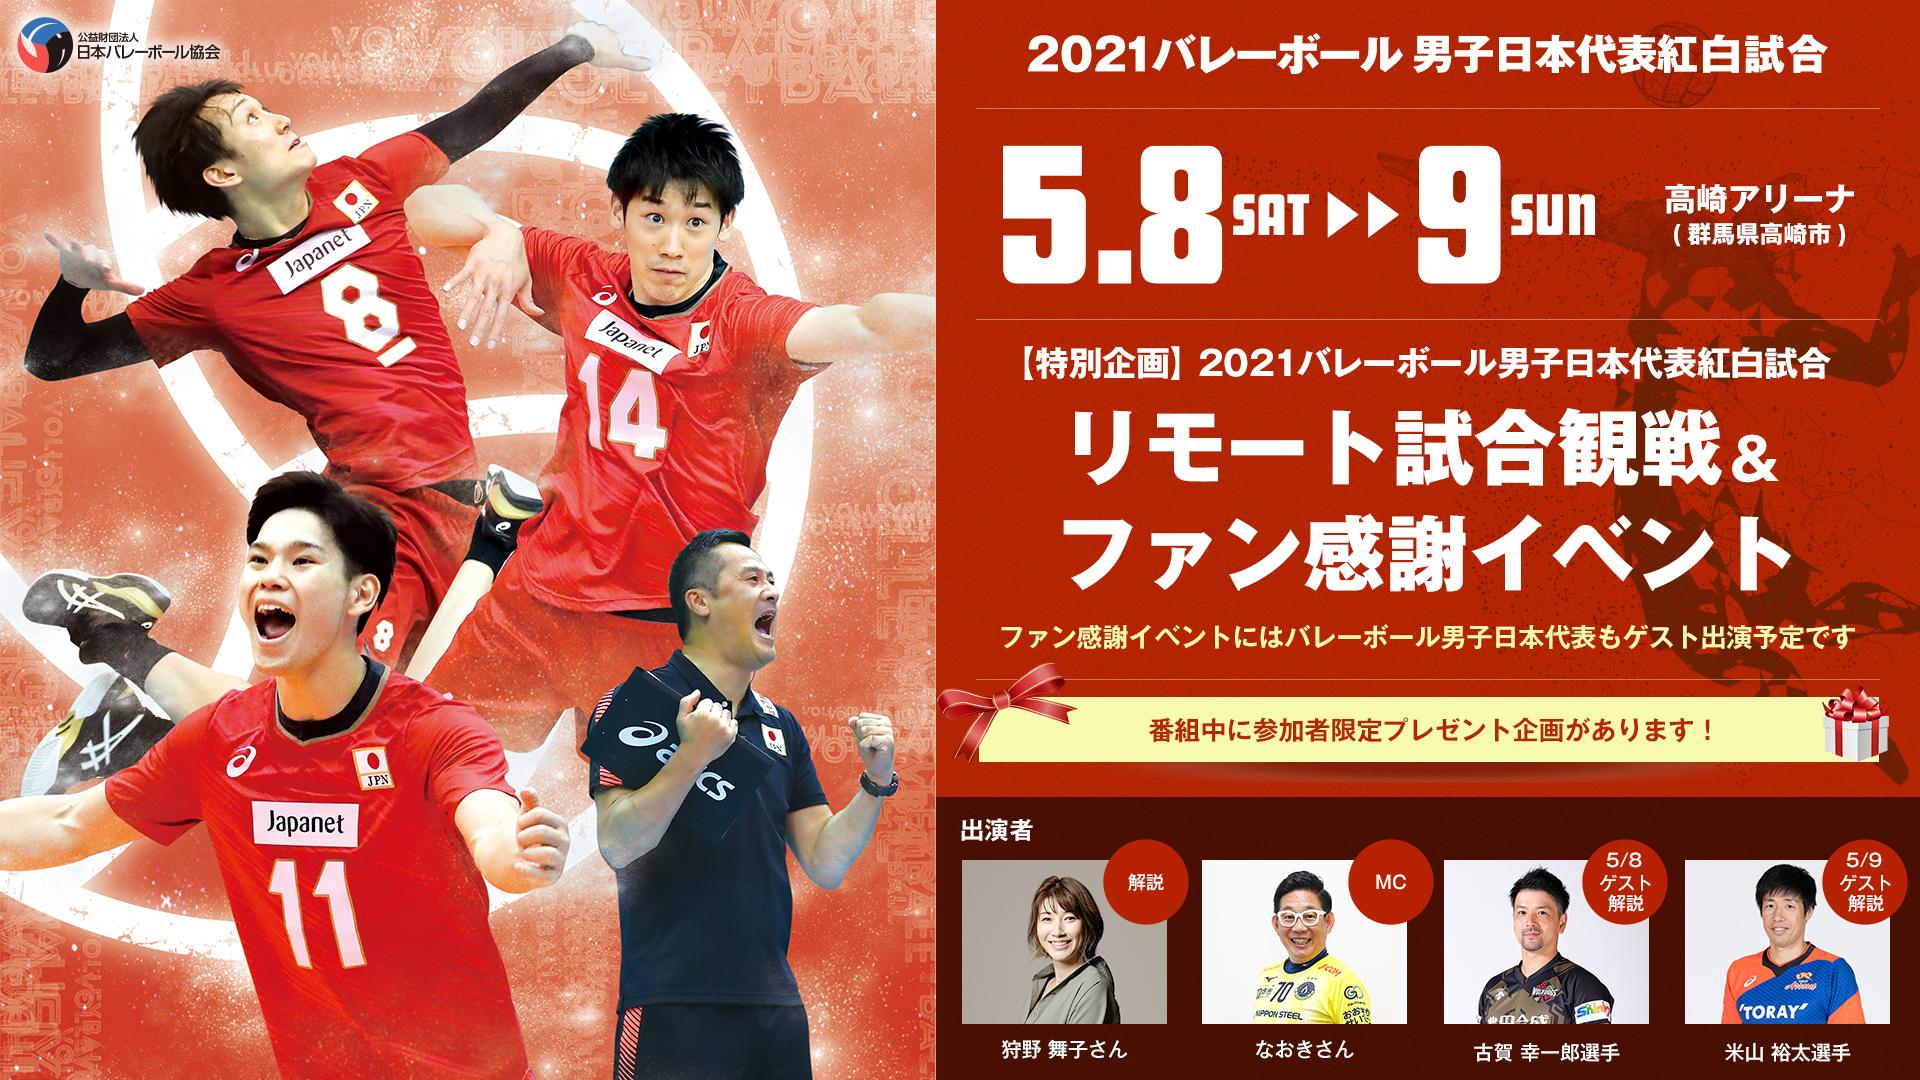 出場メンバー18名が決定。『2021バレーボール男子日本代表紅白試合』では試合とファン感謝イベントのライブ配信が行われる